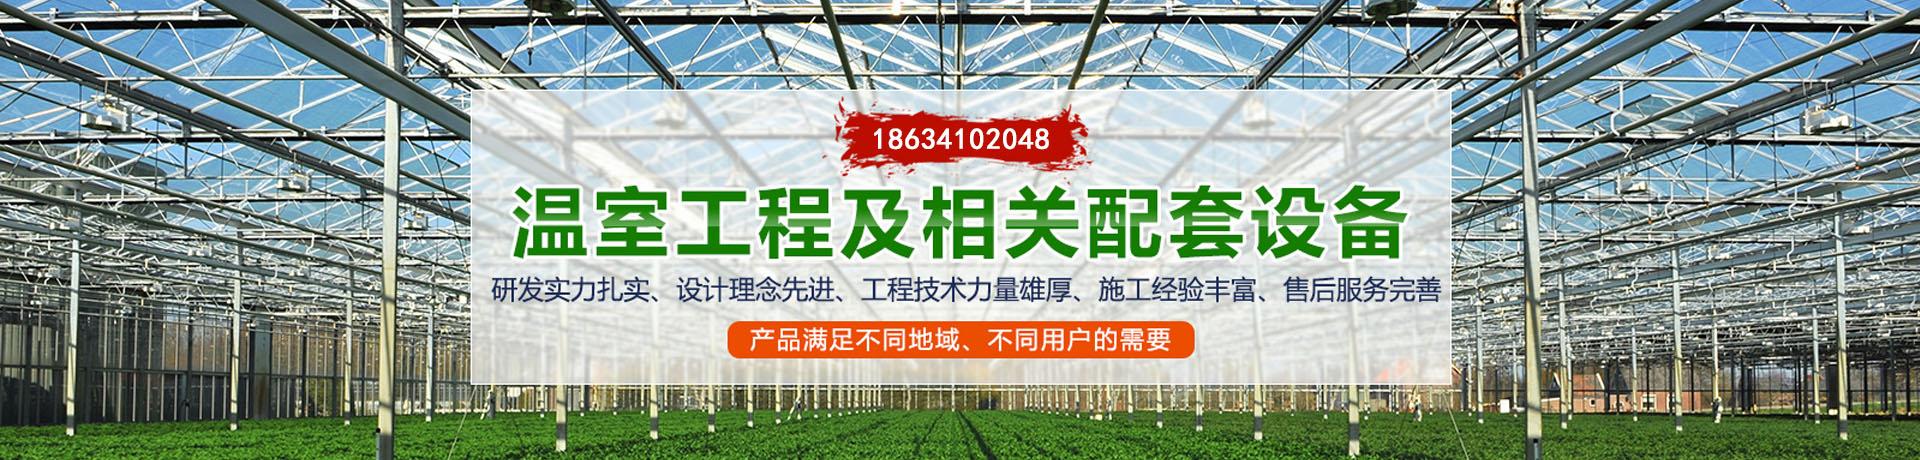 甘肃智慧农业建设公司